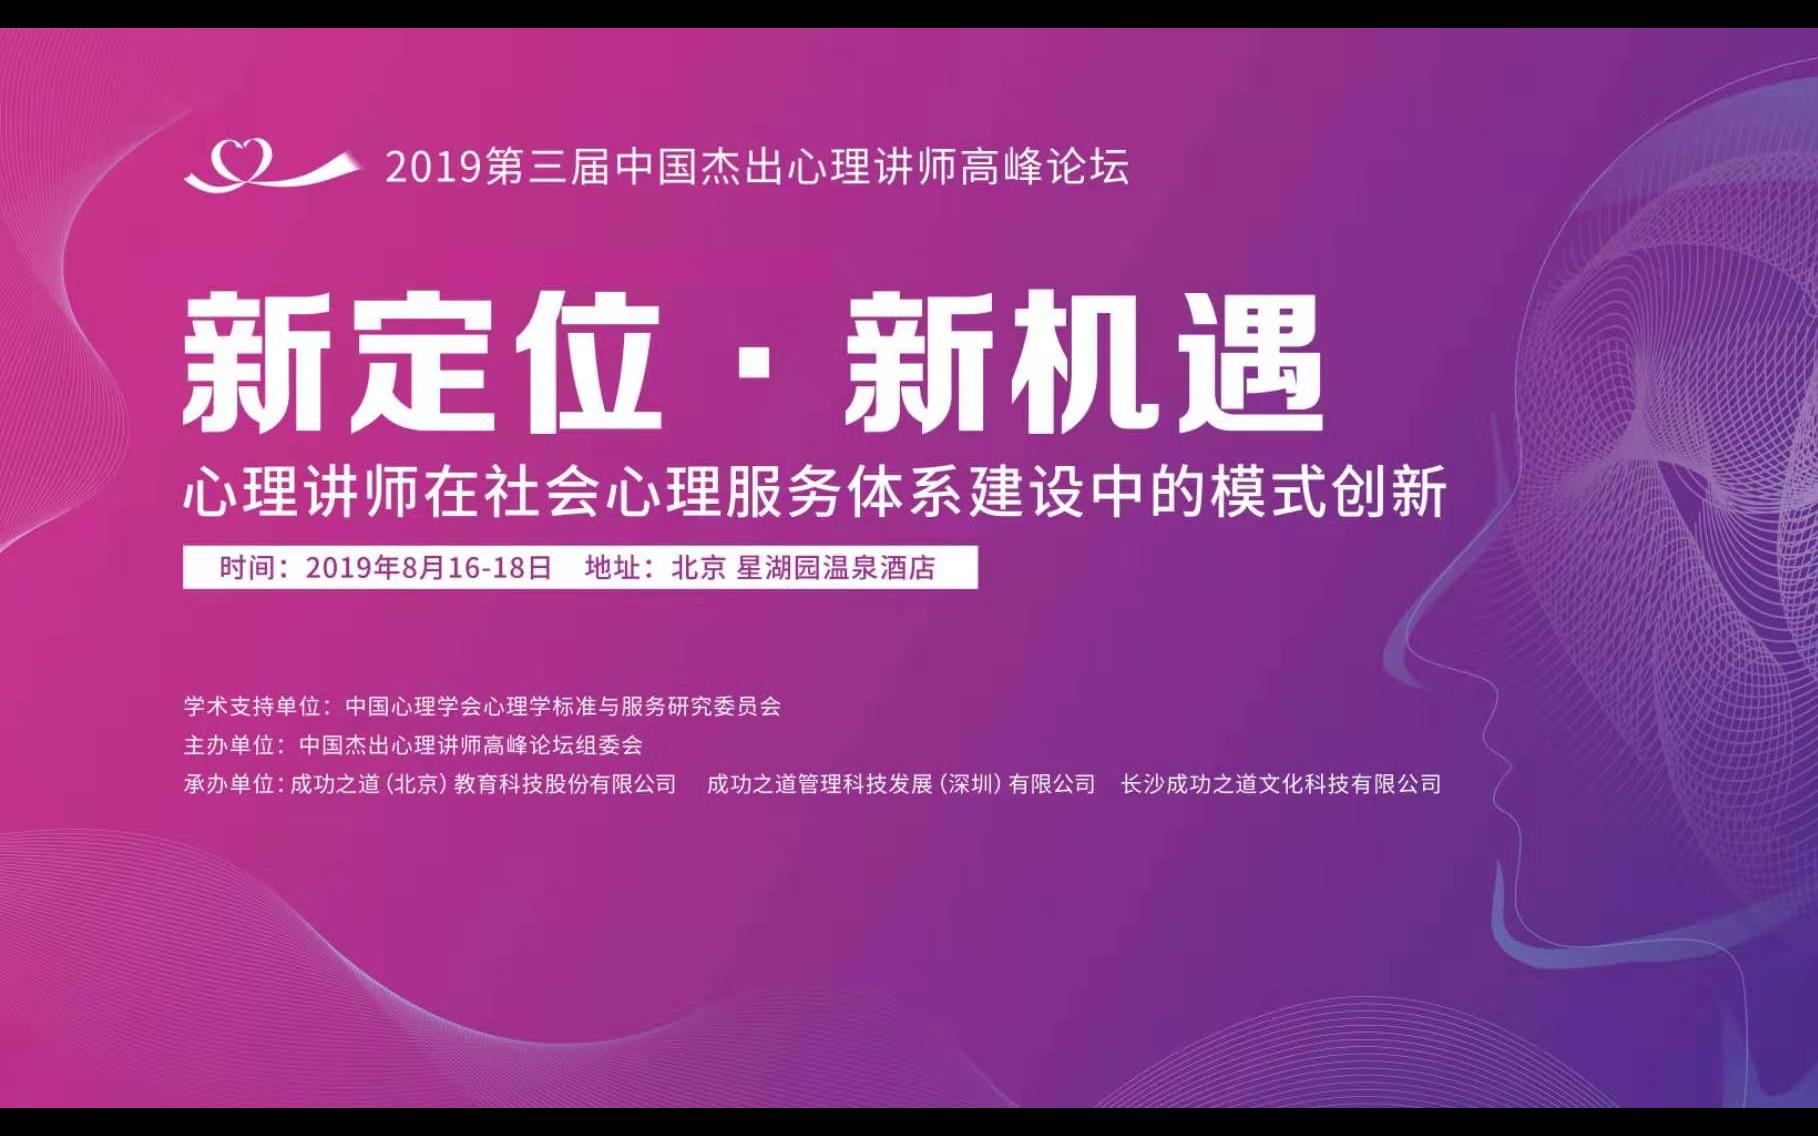 2019第三届中国杰出心理讲师高峰论坛(北京)